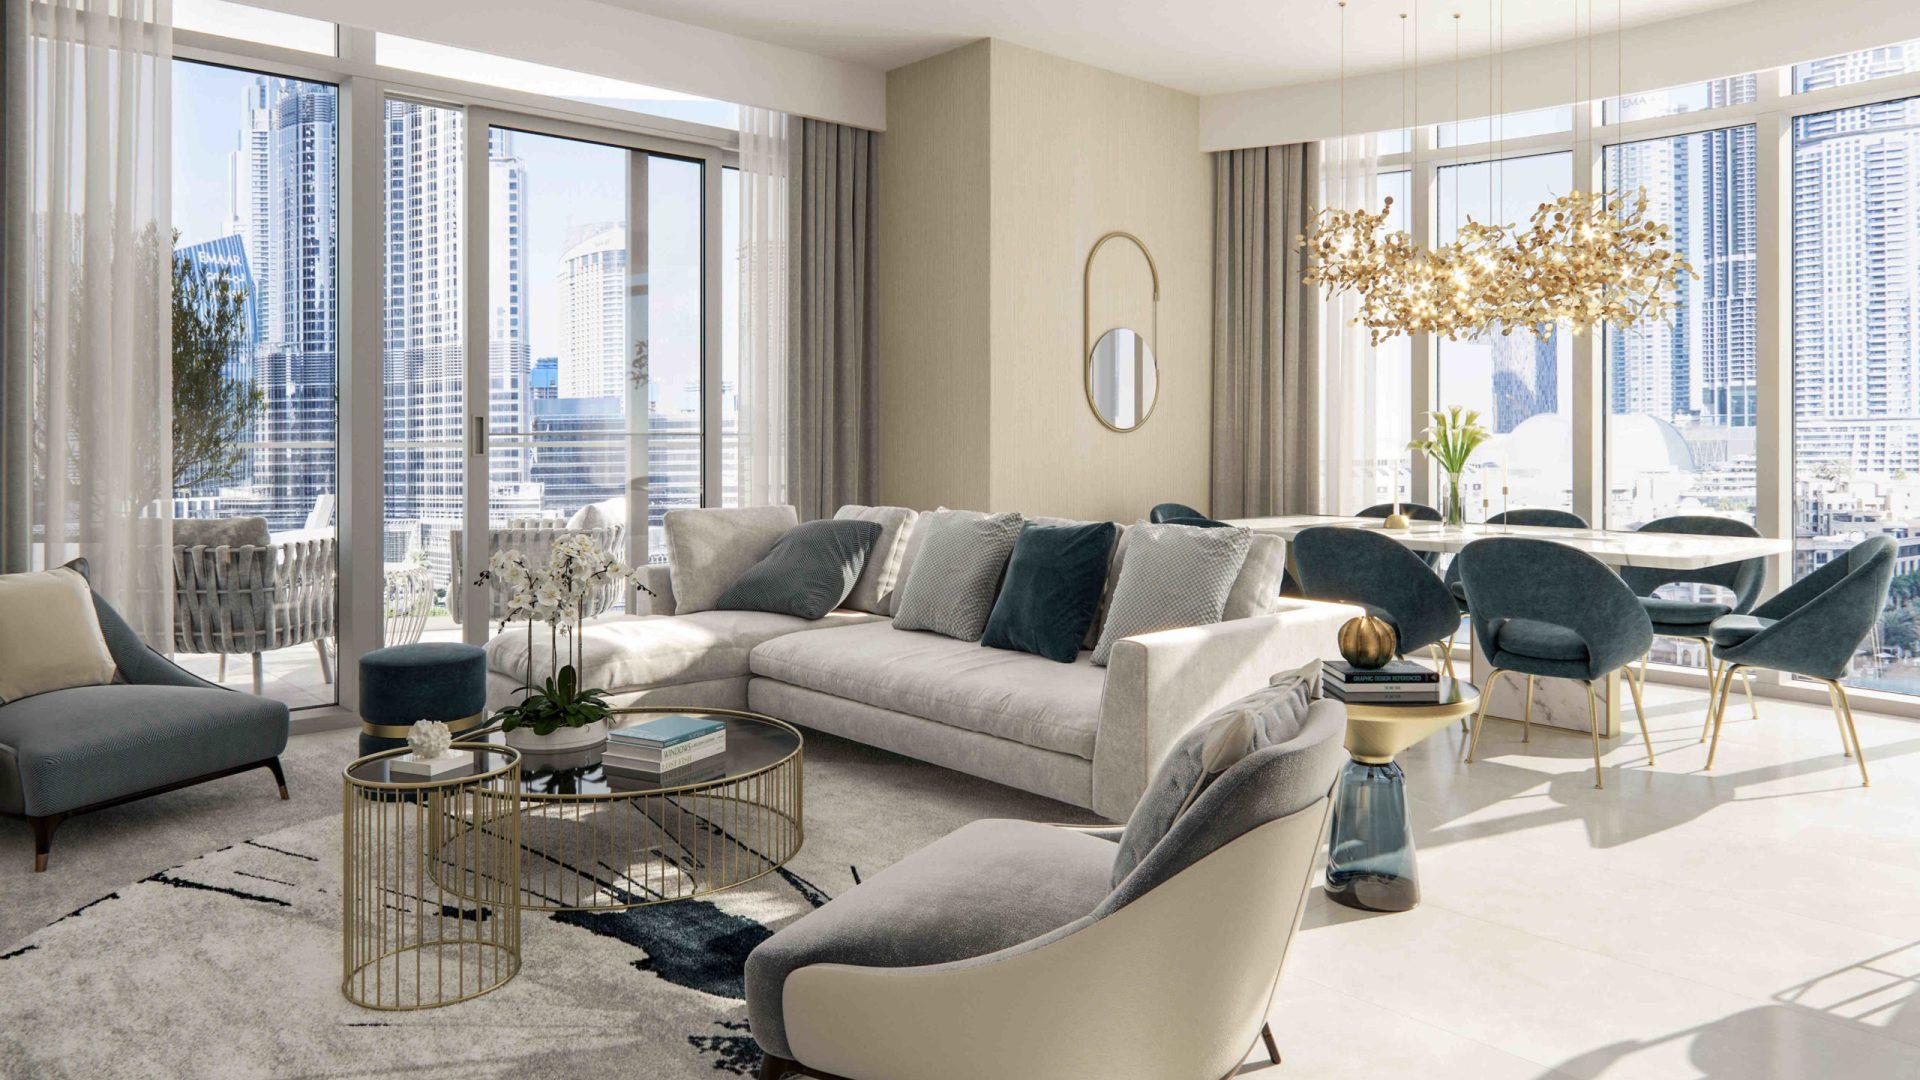 Apartamento en venta en Dubai, EAU, 2 dormitorios, 116 m2, № 24398 – foto 1